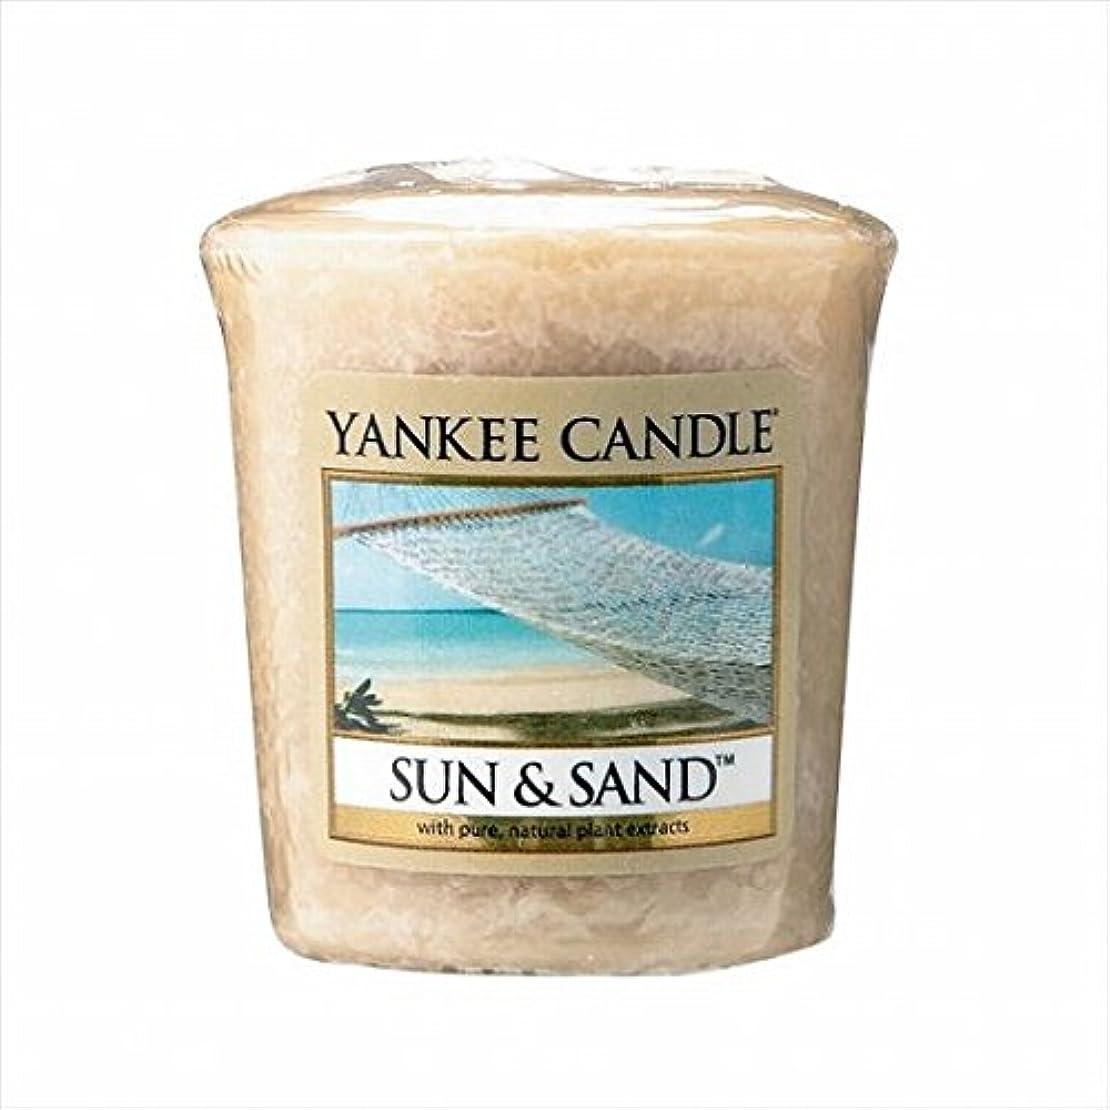 チョップ致命的なタービンカメヤマキャンドル(kameyama candle) YANKEE CANDLE サンプラー 「 サン&サンド 」